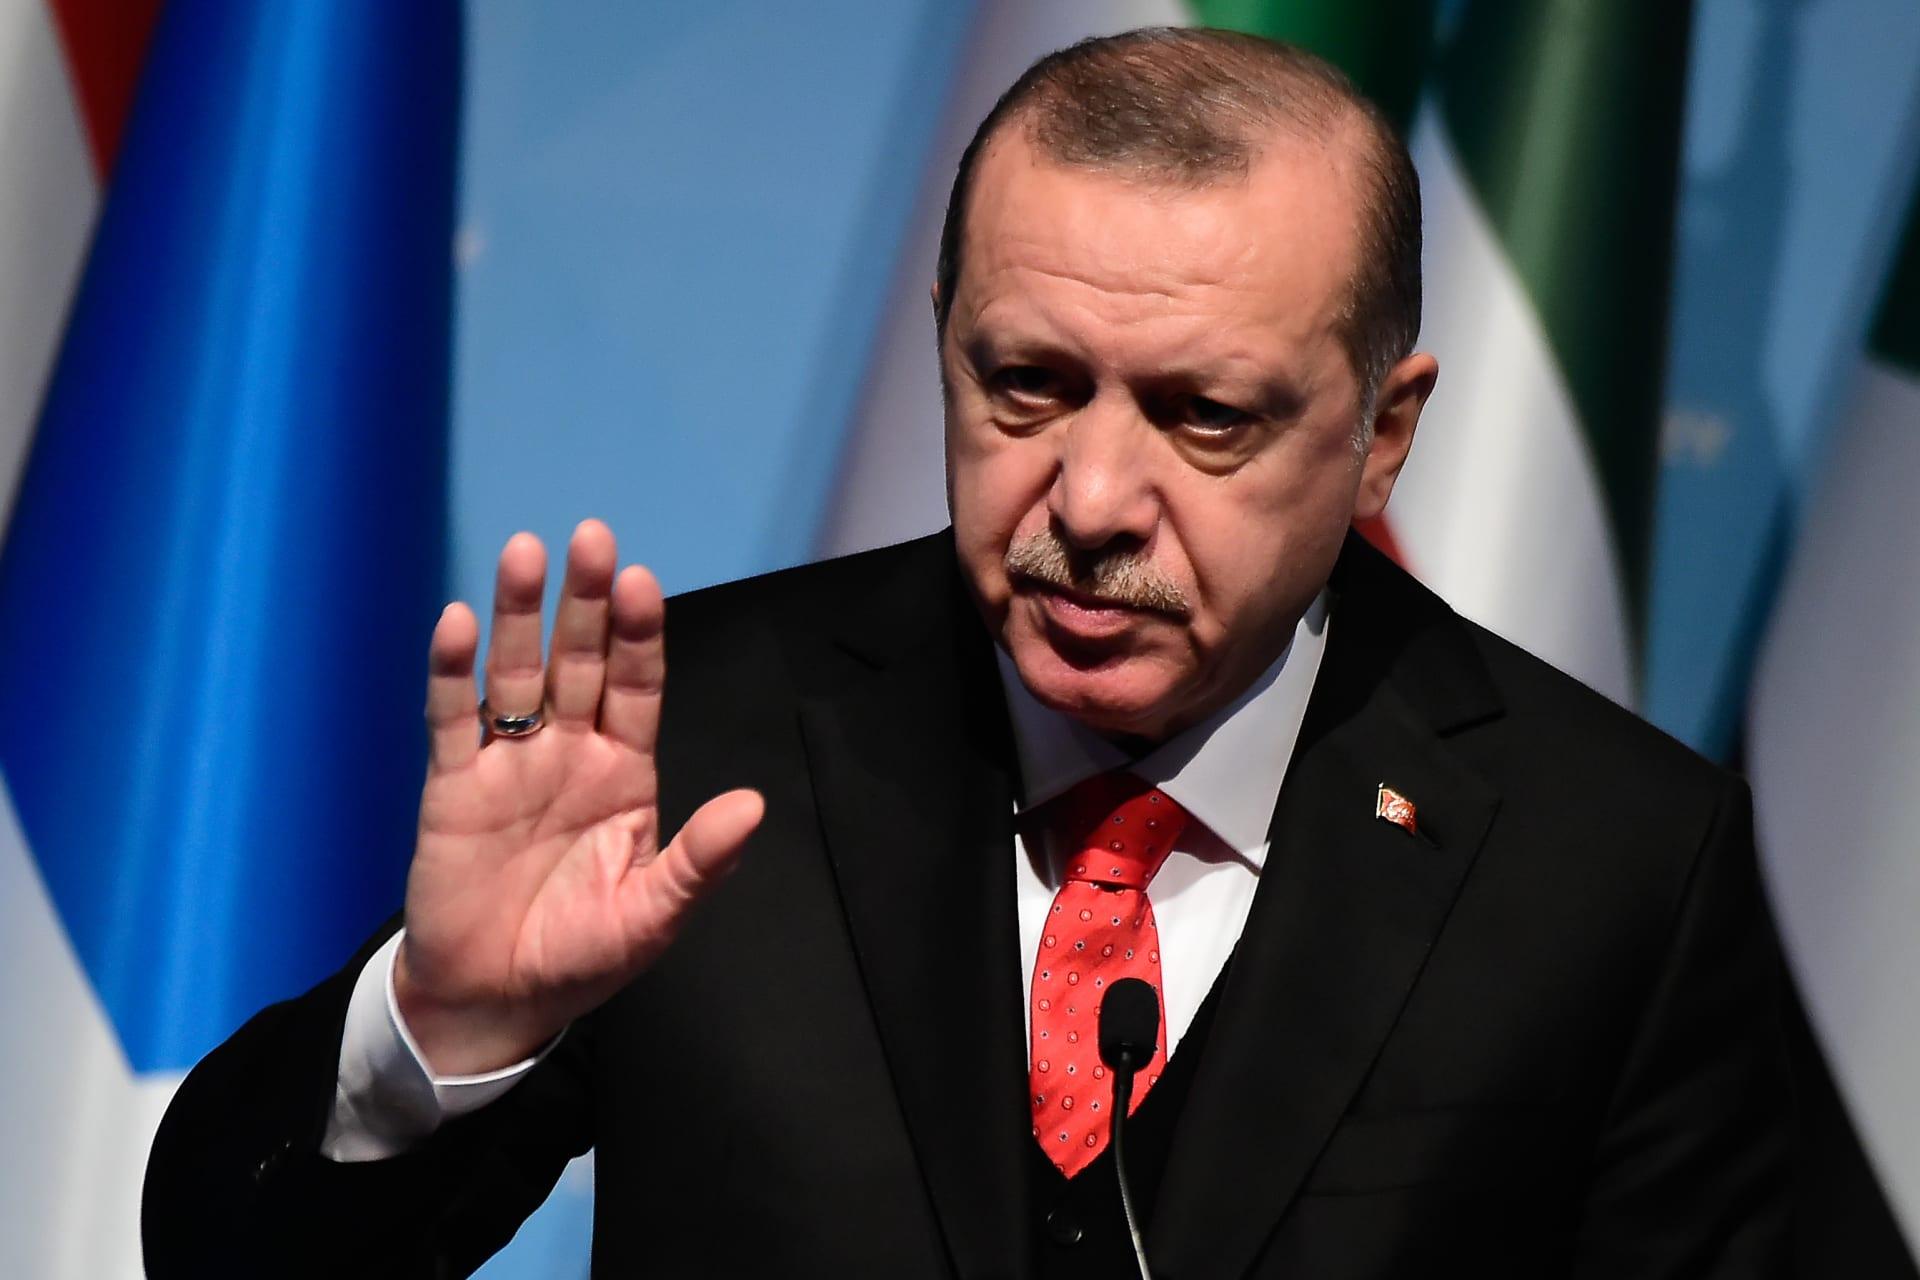 إعلام إيران يهاجم السعودية والقمة الإسلامية: مهزلة وأردوغان بلا مبدأ